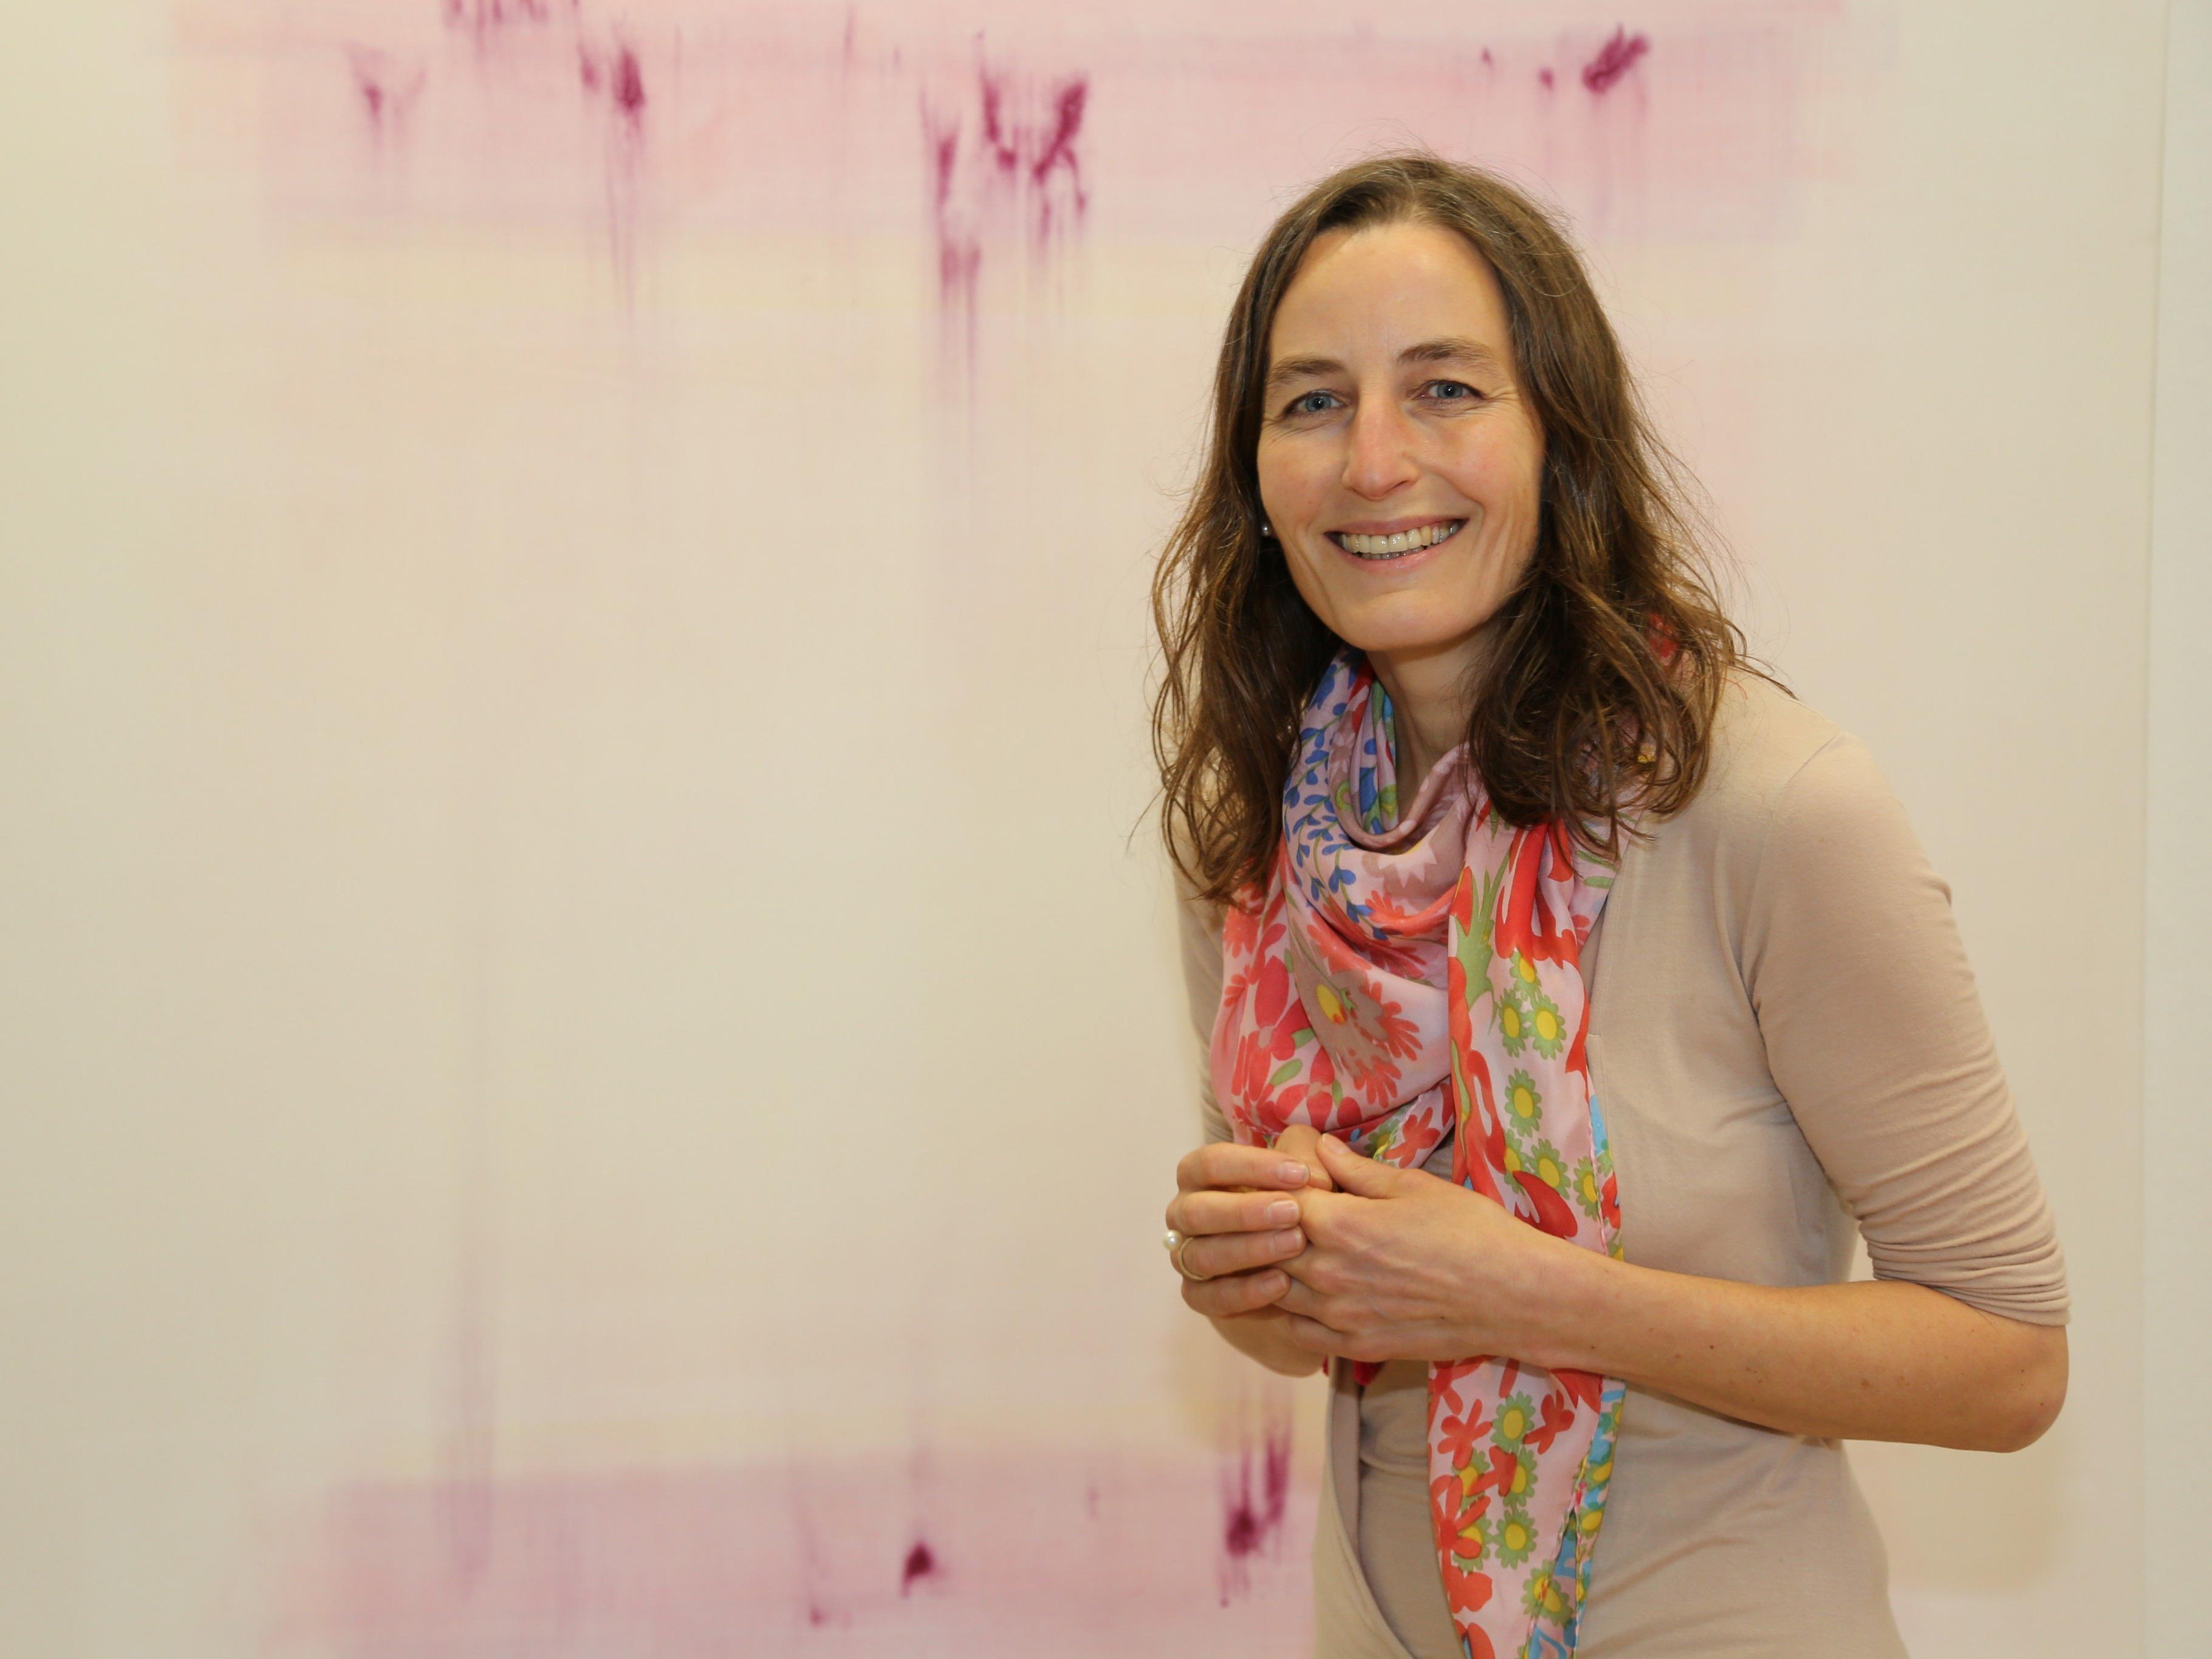 """Margit Hartnagel stellt ihre neuen Werke unter dem Titel """"Alles ist Nirgendwo"""" in der Villa Claudia aus."""